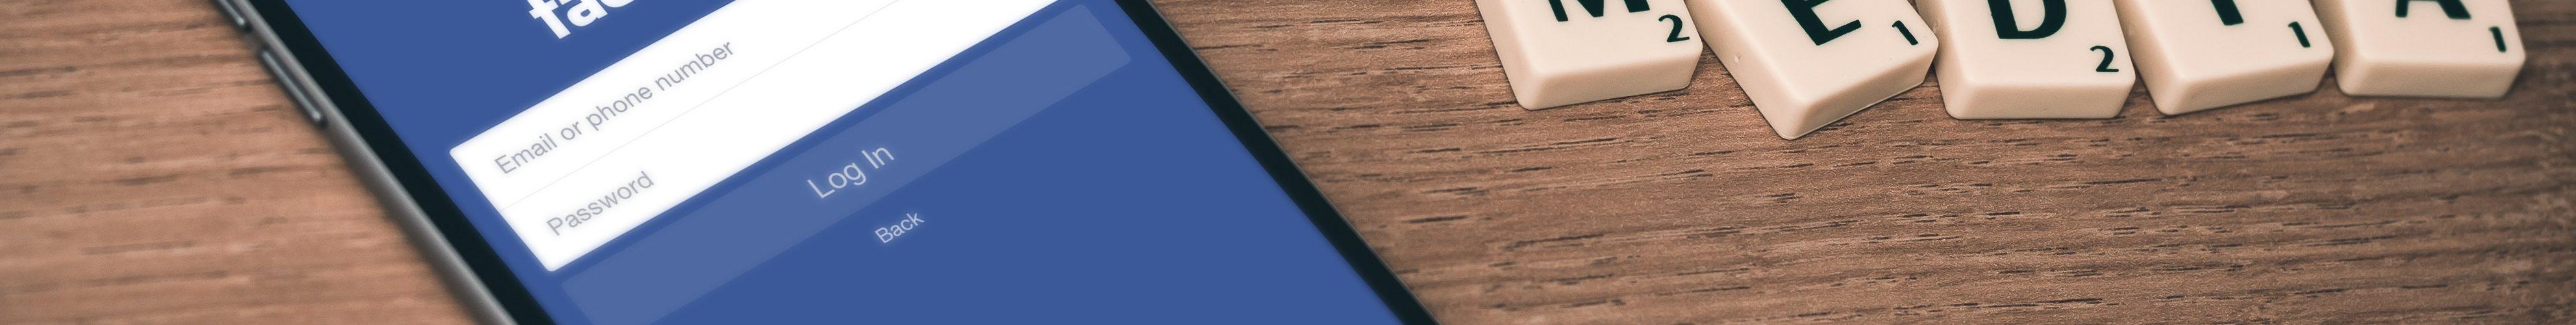 william iven 19844 1 3967x500 - Aumentar las ventas en tu tienda on line gracias al marketing de afiliación